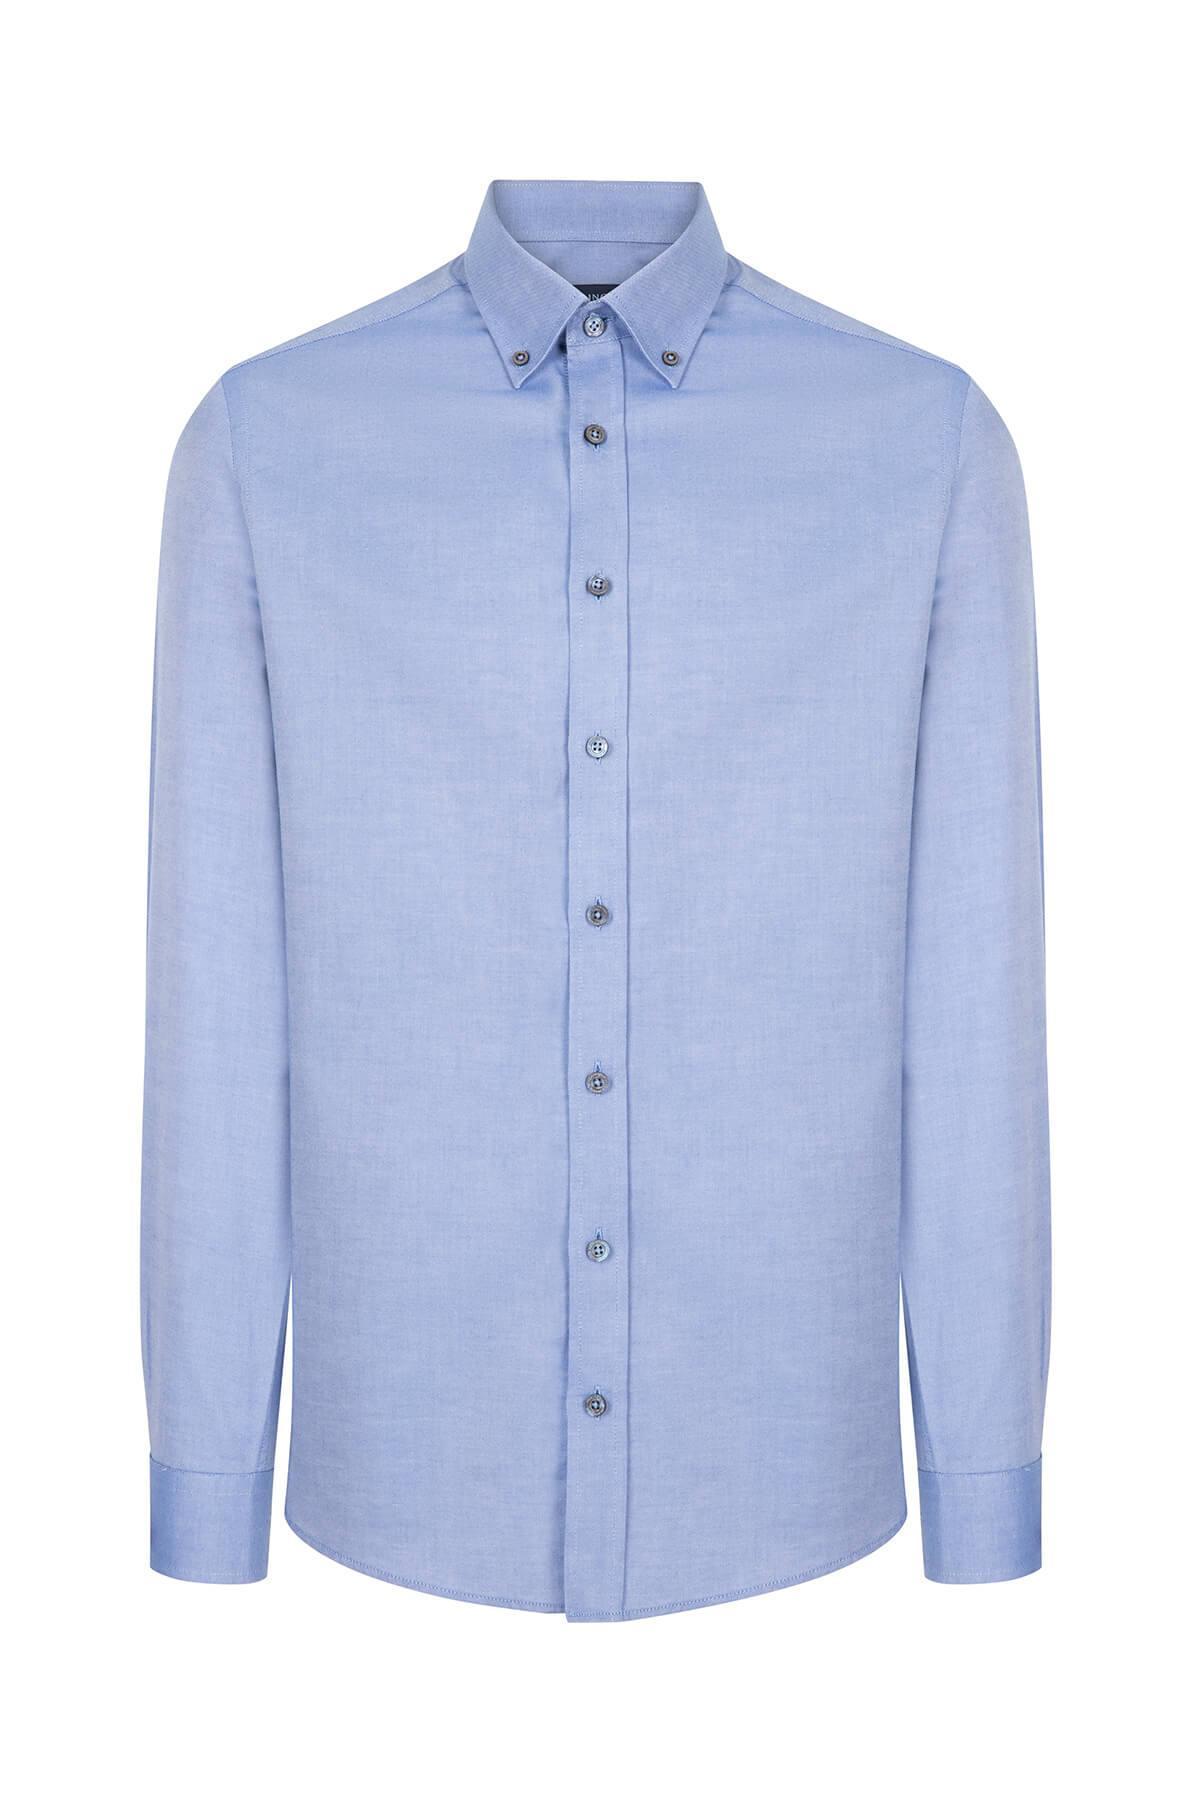 Koyu Mavi Düğmeli Yaka Oxford Spor Gömlek